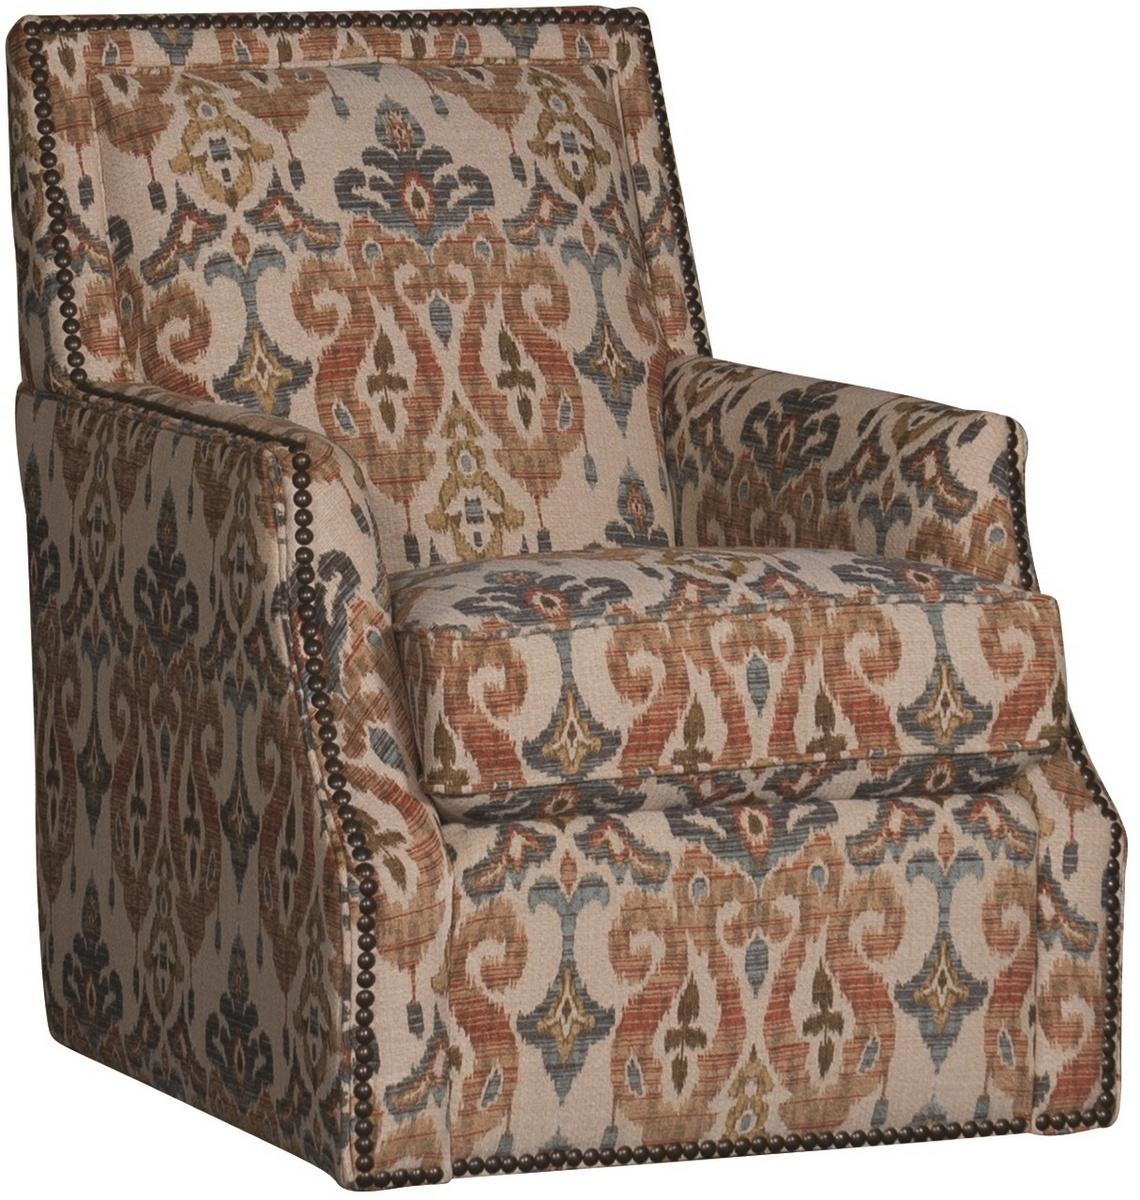 Chelsea Home Wright Swivel Chair Sandoa Desert